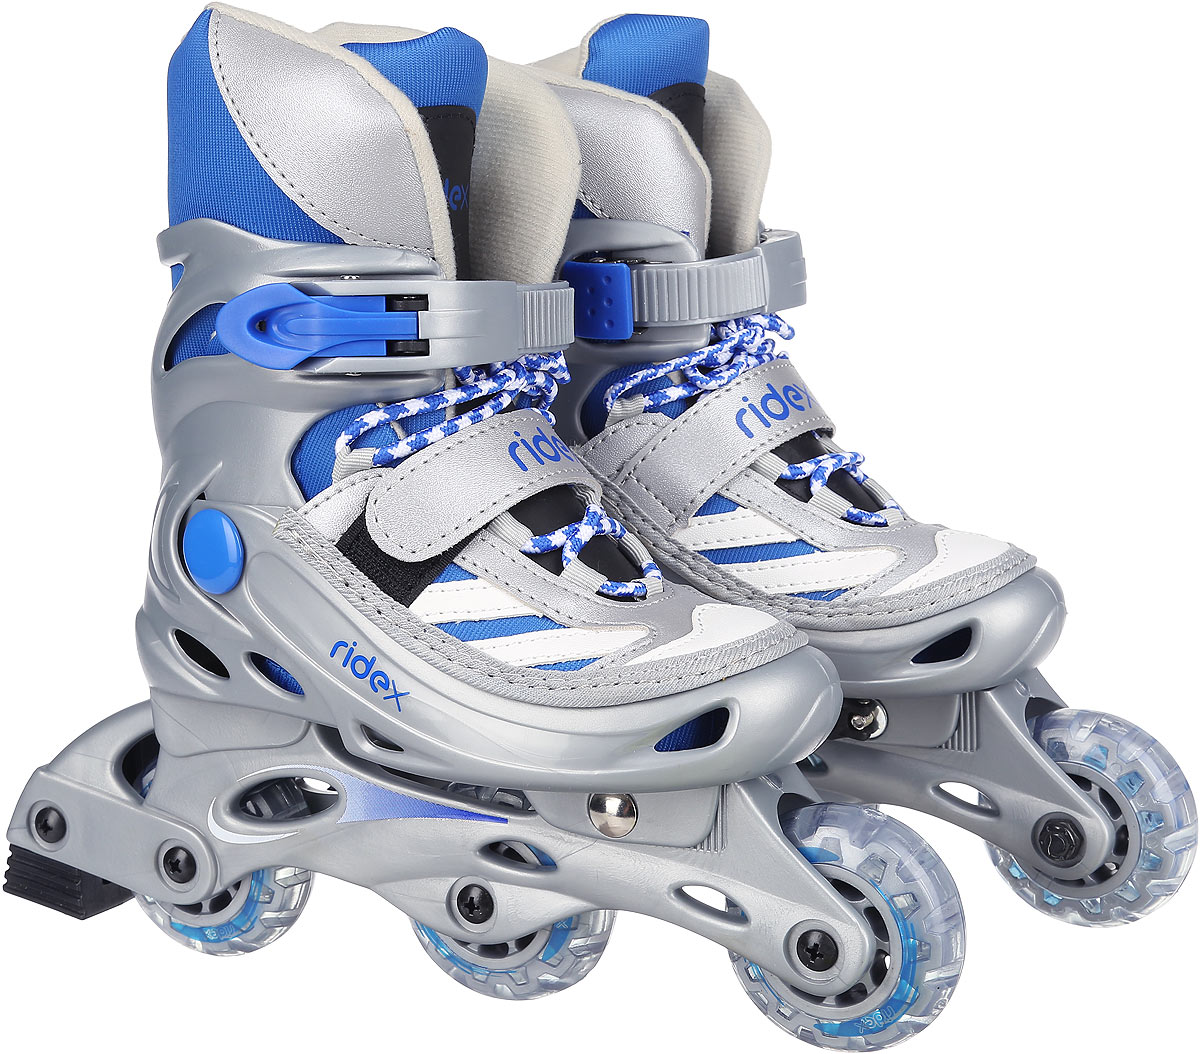 Коньки роликовые Ridex Scout, раздвижные, цвет: серый, голубой, белый. УТ-00008094. Размер 35/38 лонгборд ridex underground 608z